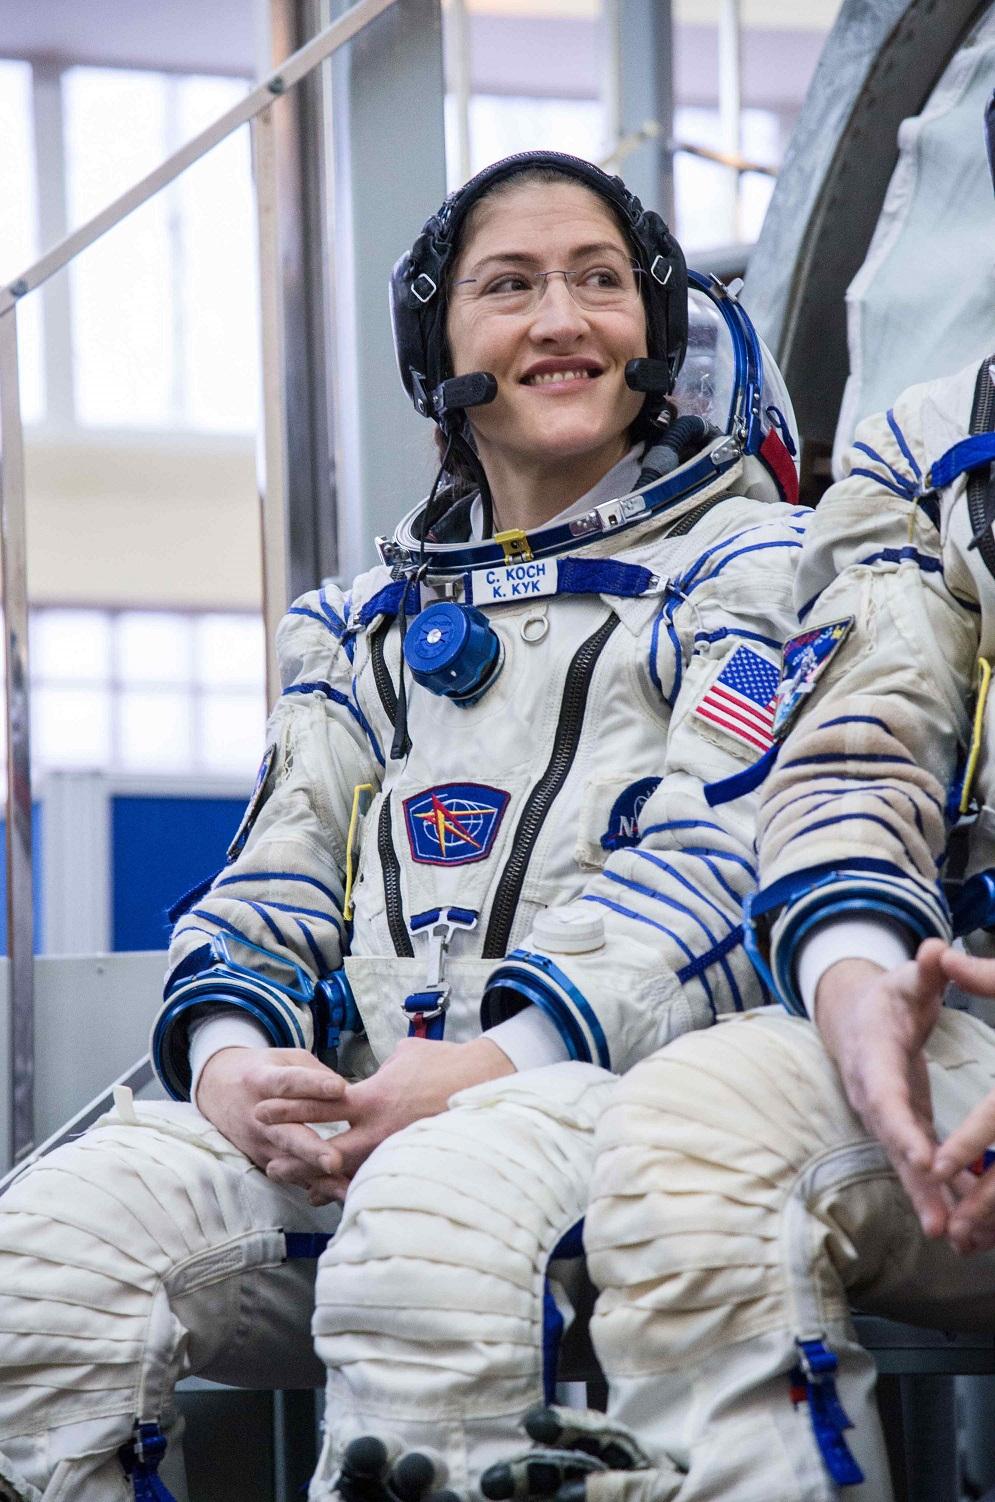 国際宇宙ステーションへの飛行前に質問を聞くクリスティーナ・コックさん (Beth Weissinger/NASA)